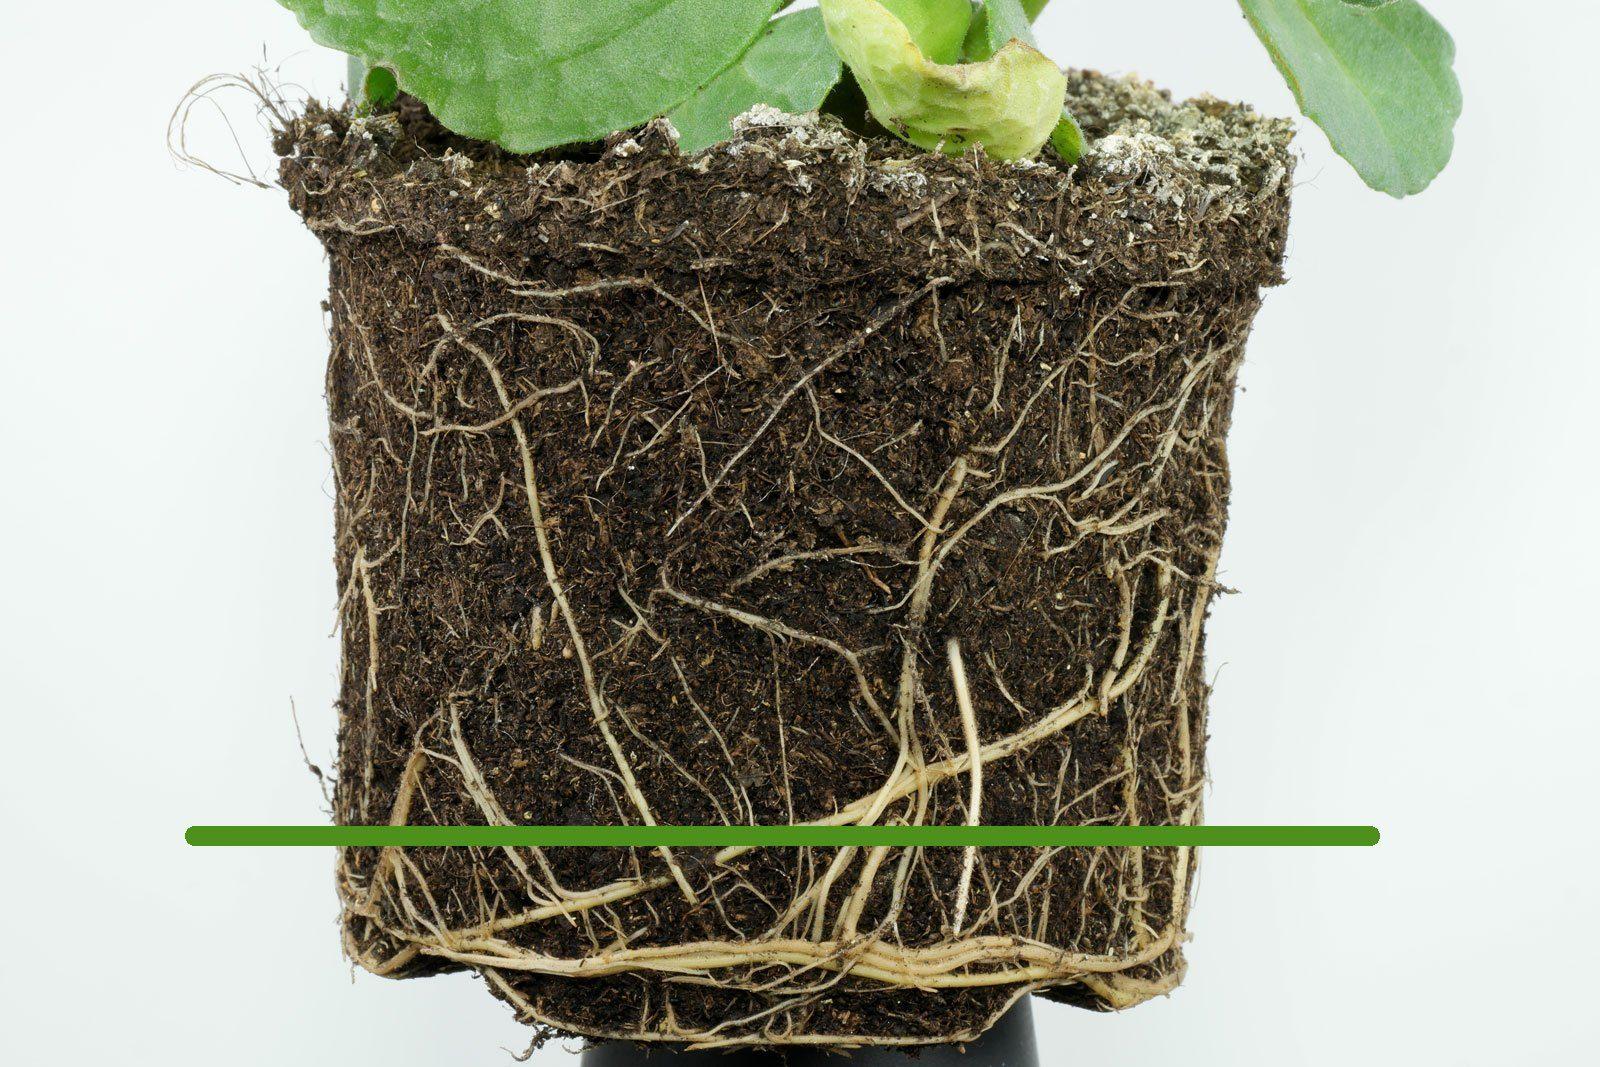 Verpiss-dich-Pflanze gießen